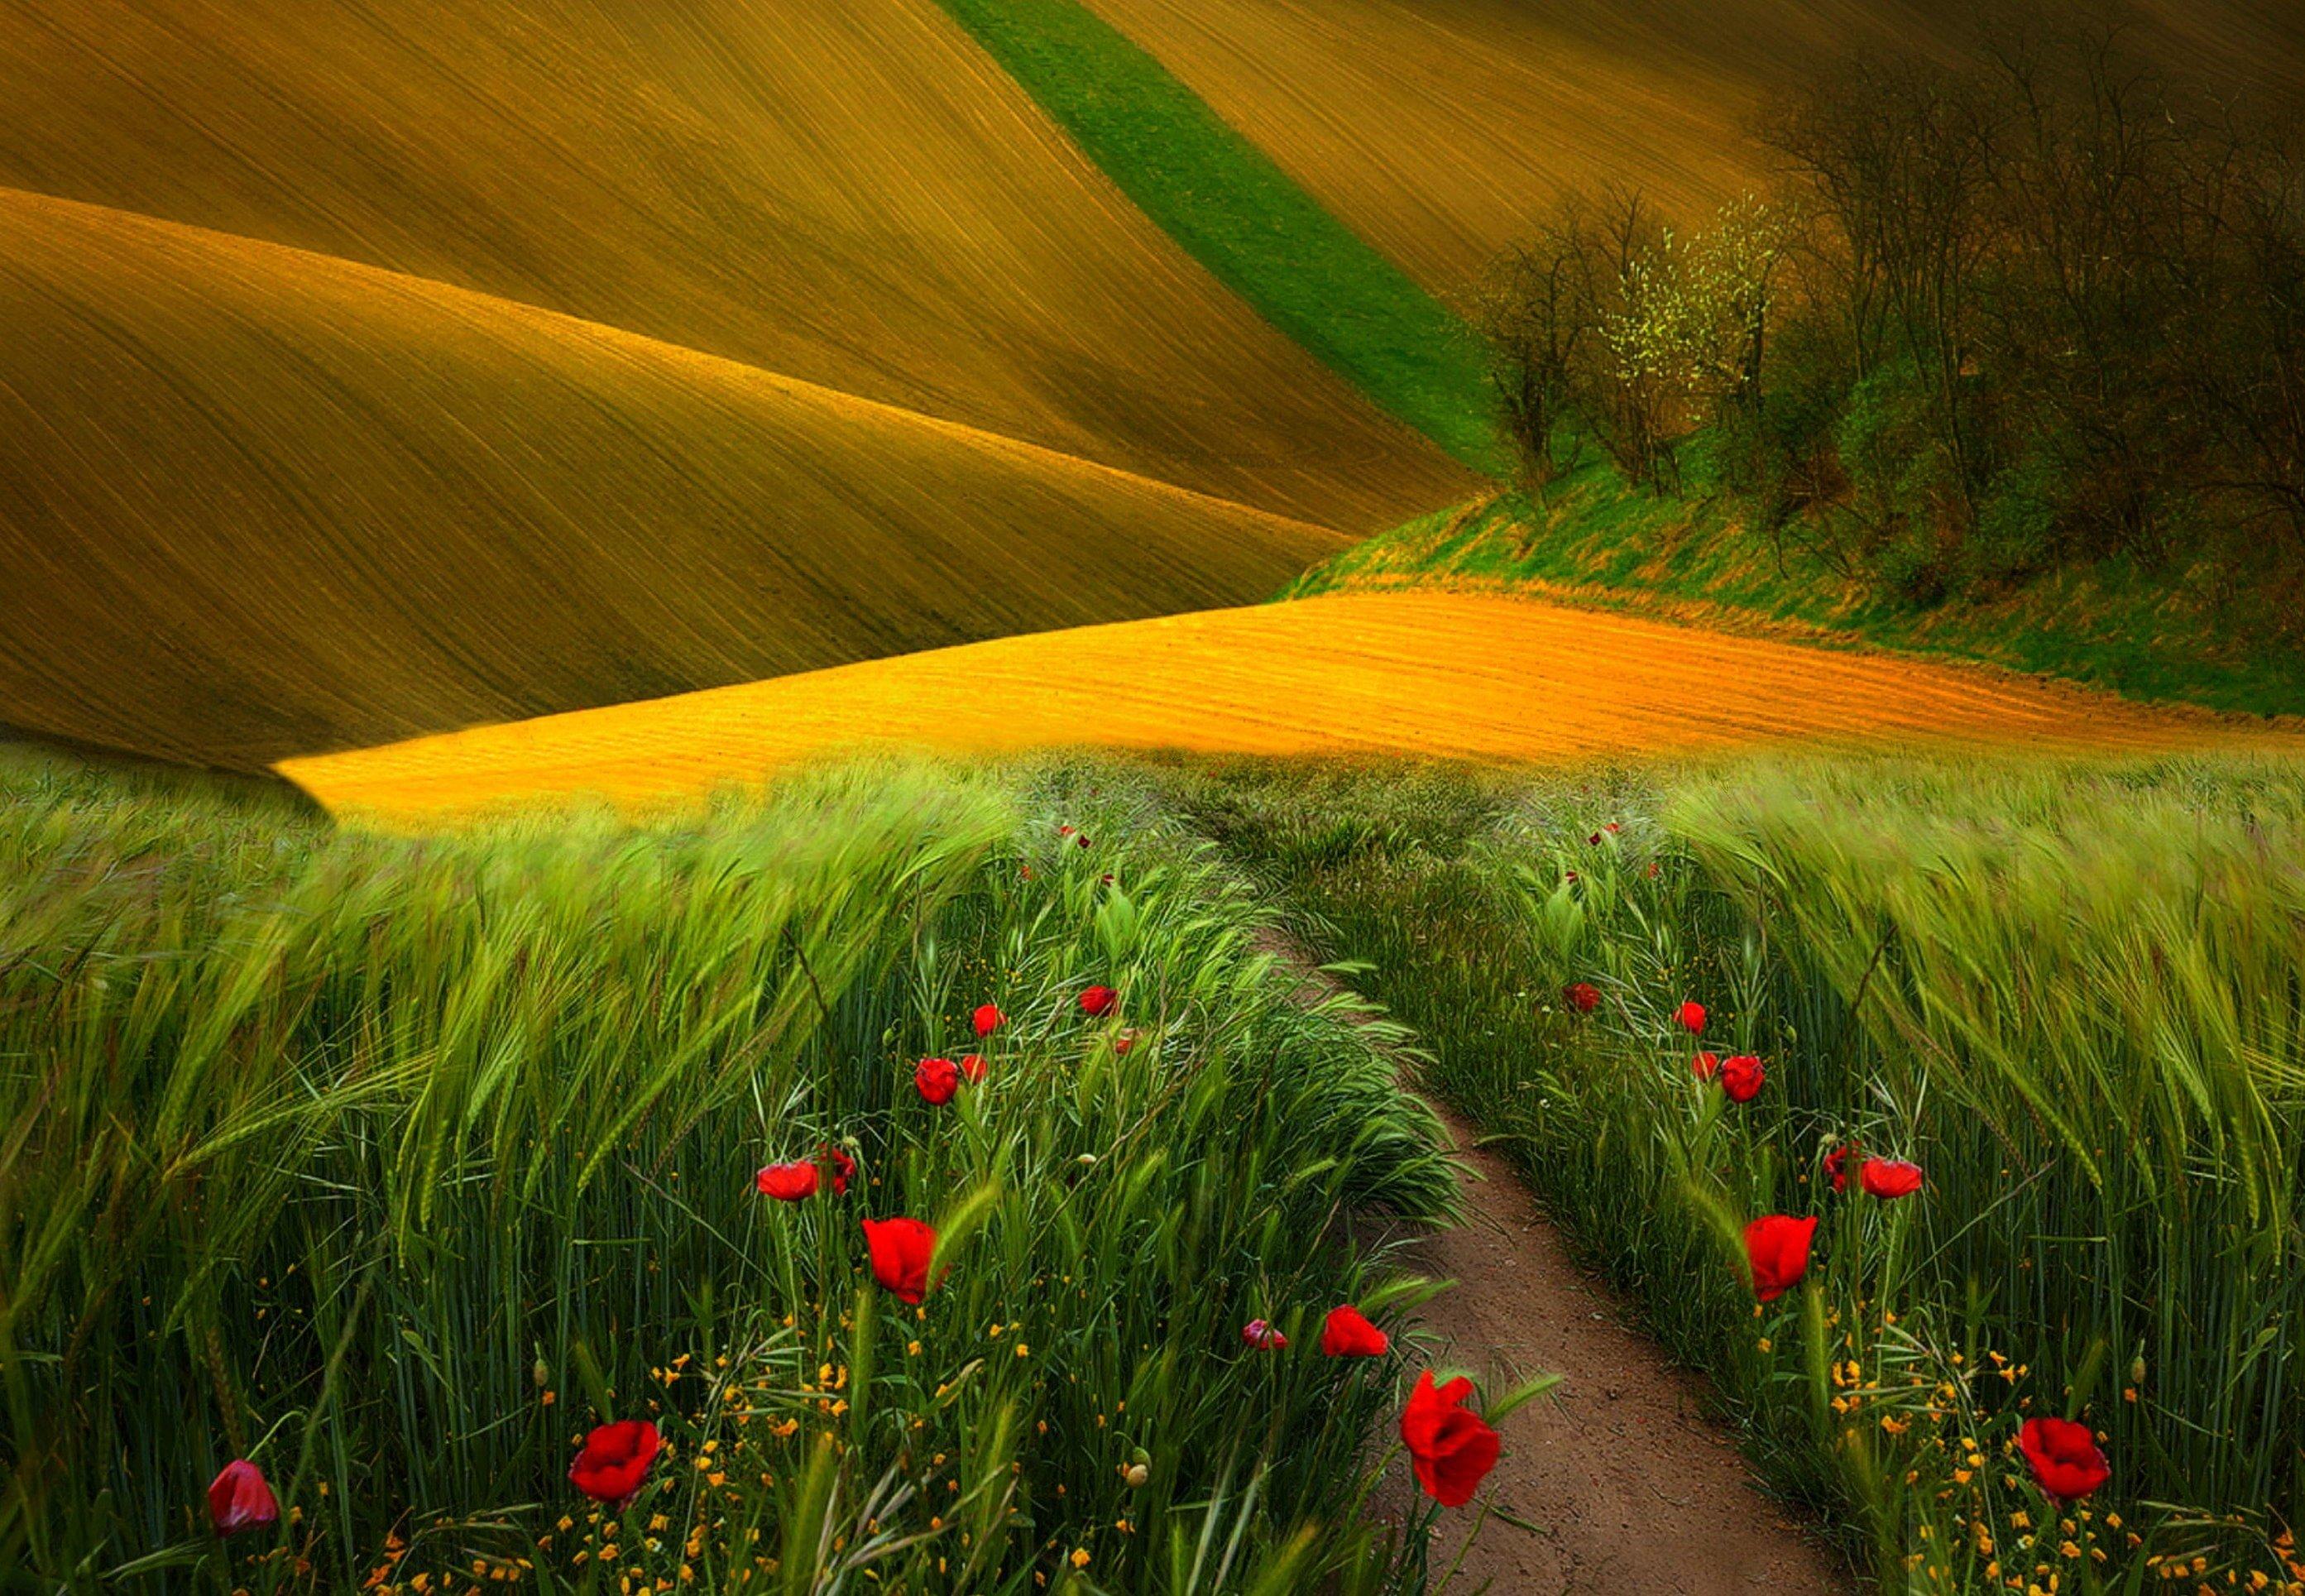 National Geographic Spring Landscapes nature landscape Heaven